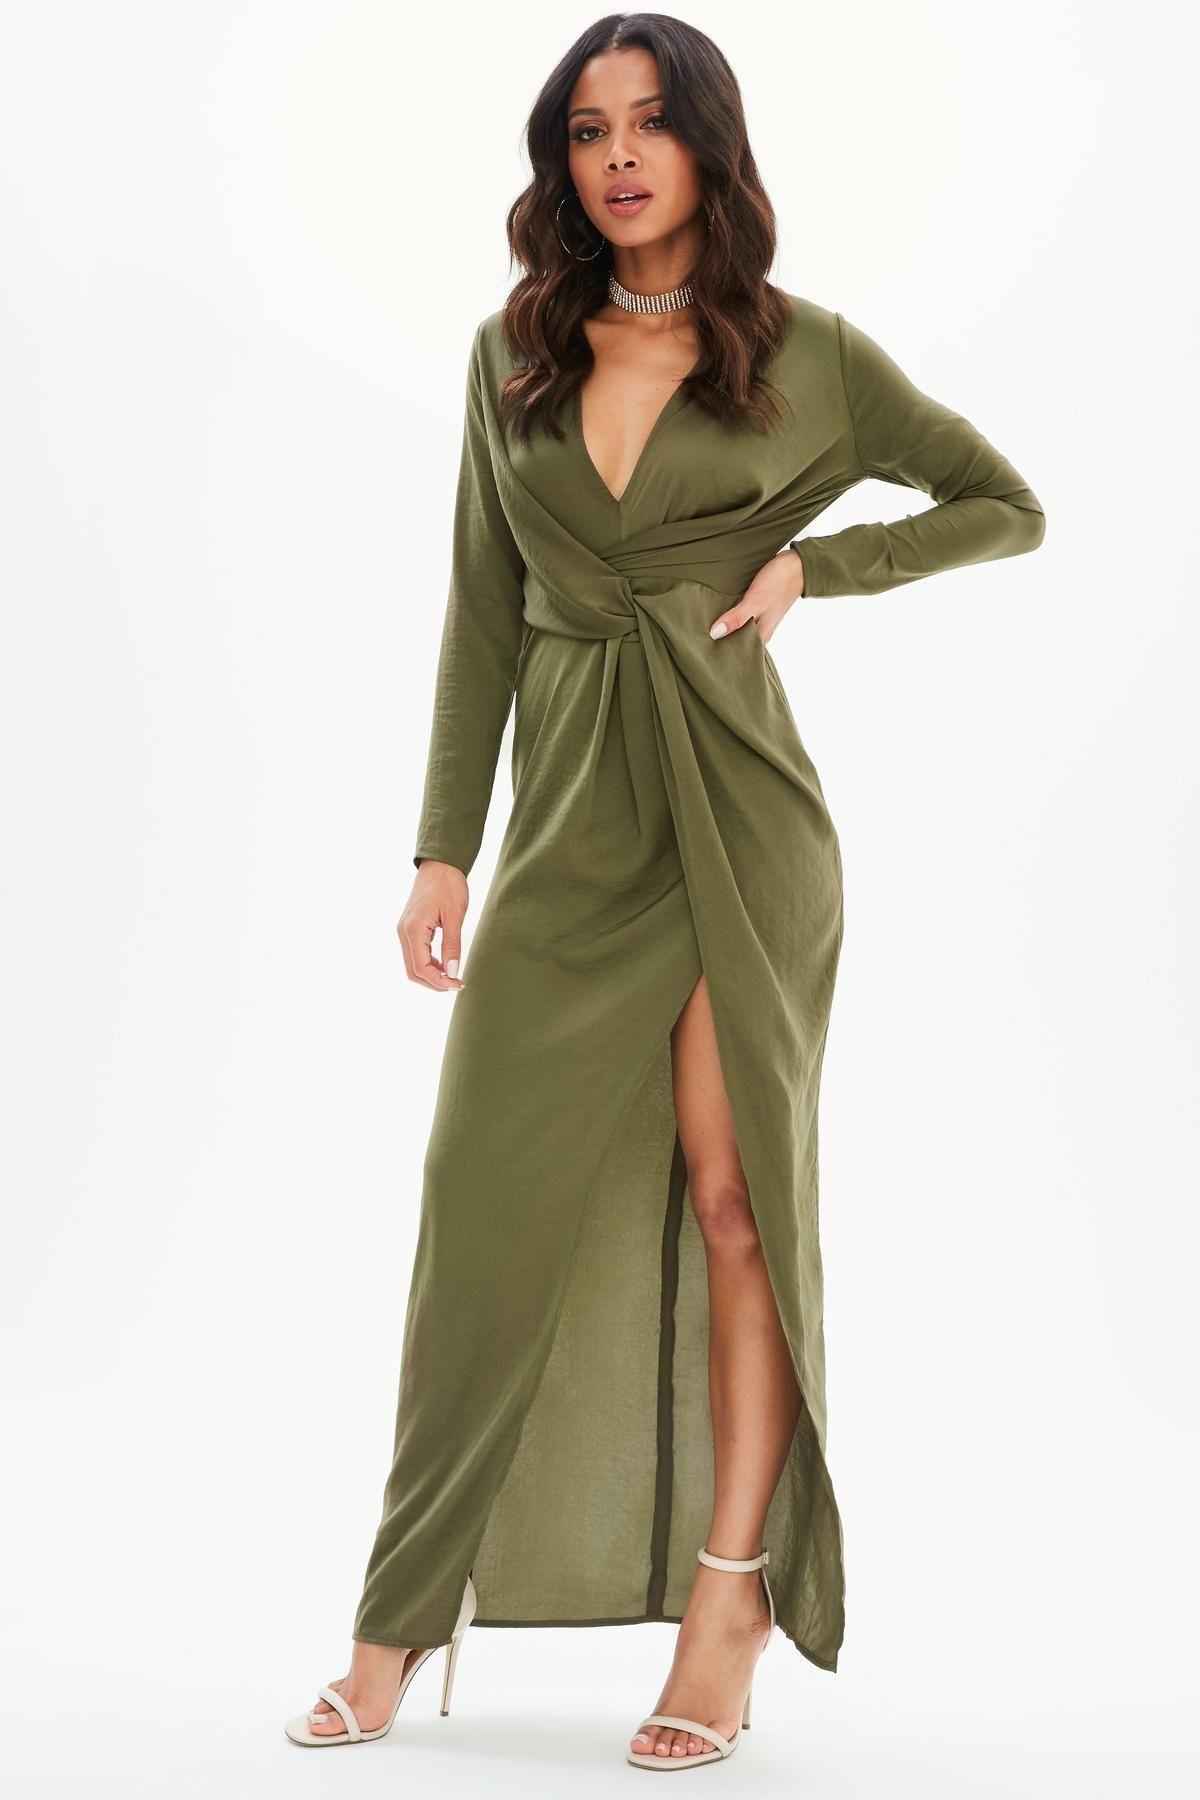 Khaki Satin Twist Front Split Maxi Dress | Missguided Australia ...